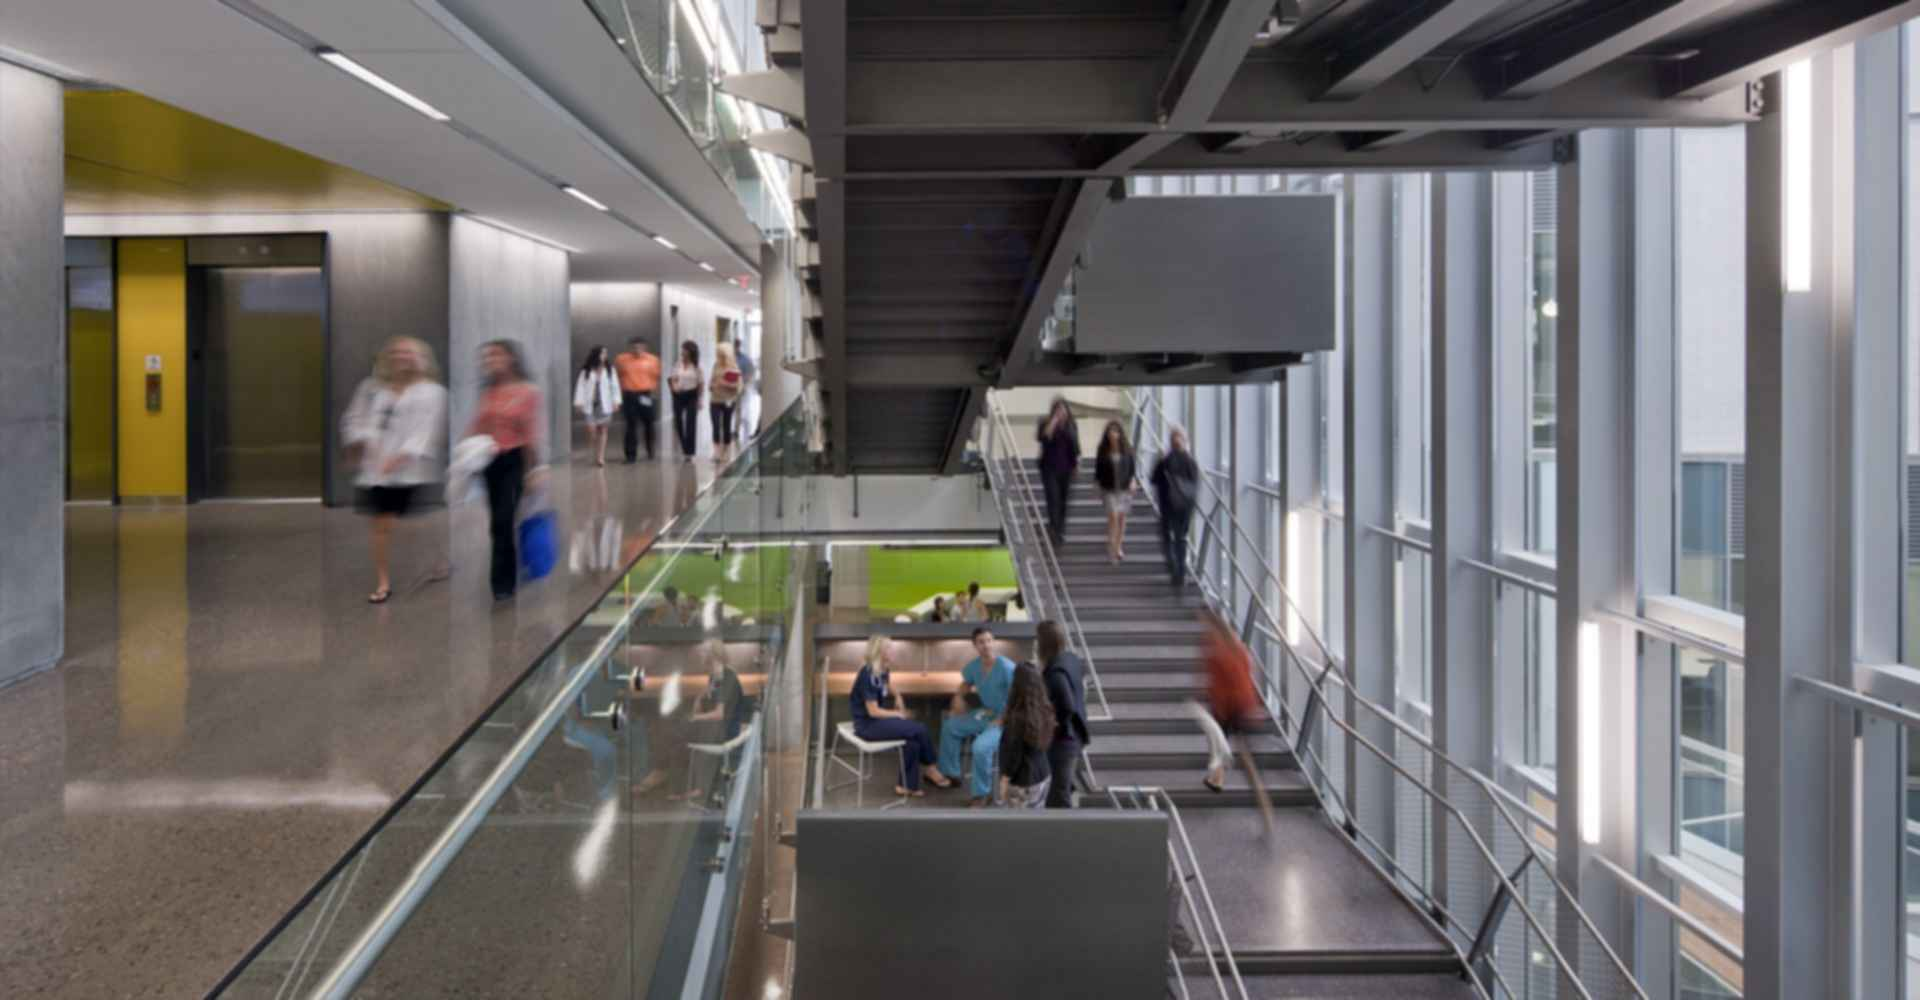 Phoenix Biomedical Campus Health Sciences Education Building - Interior